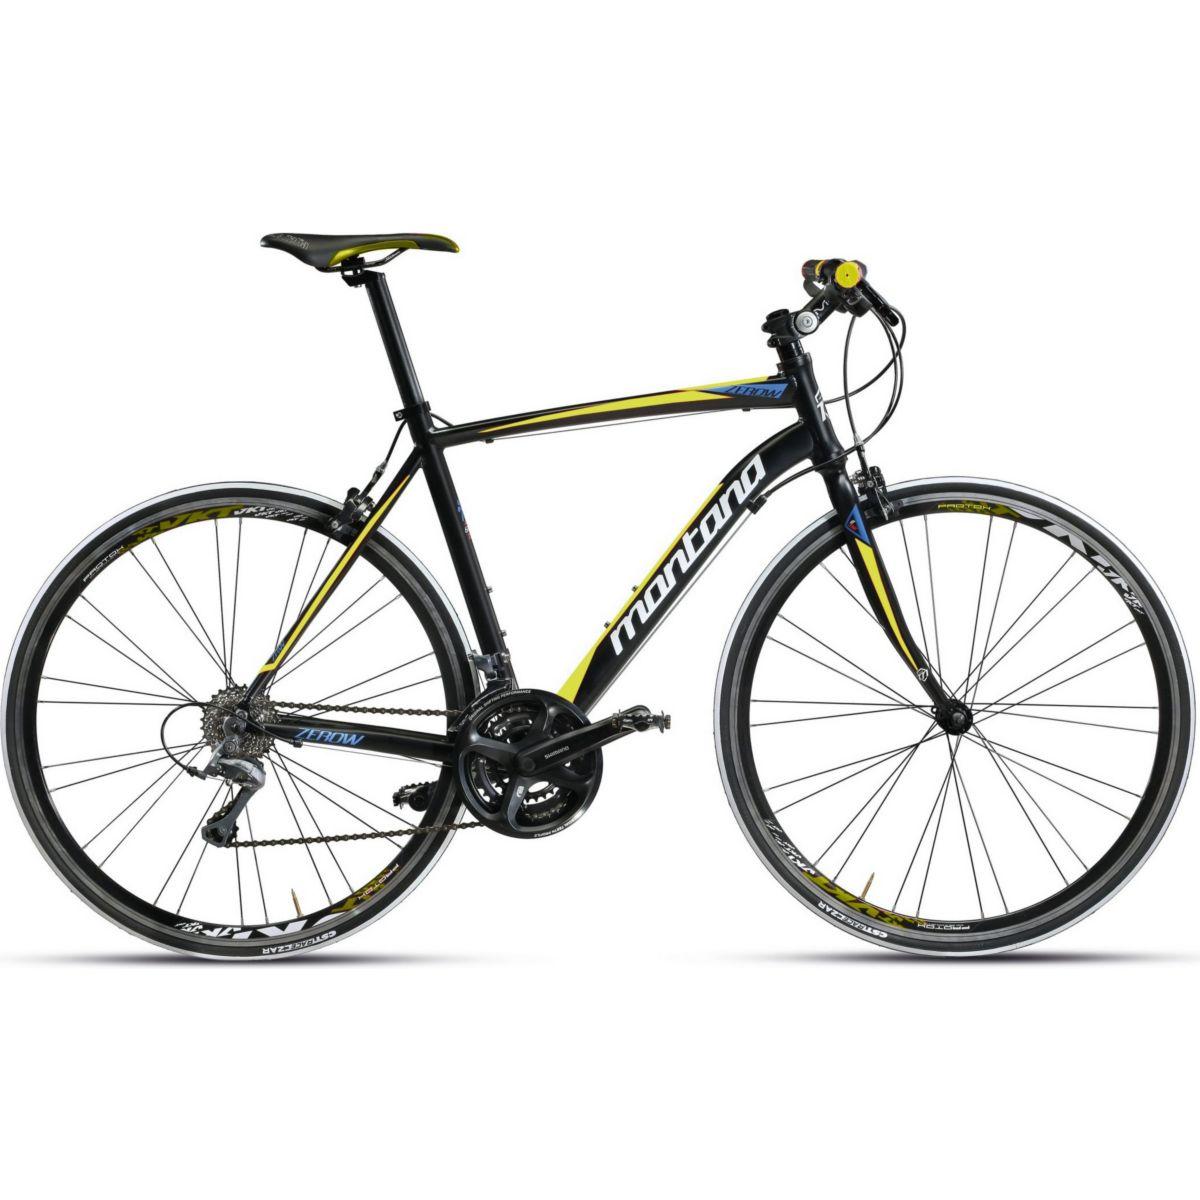 28 Zoll Montana Zerow Comfort Herren Rennrad Carbongabel 24 Gang schwarz-gelb, 58cm jetztbilligerkaufen